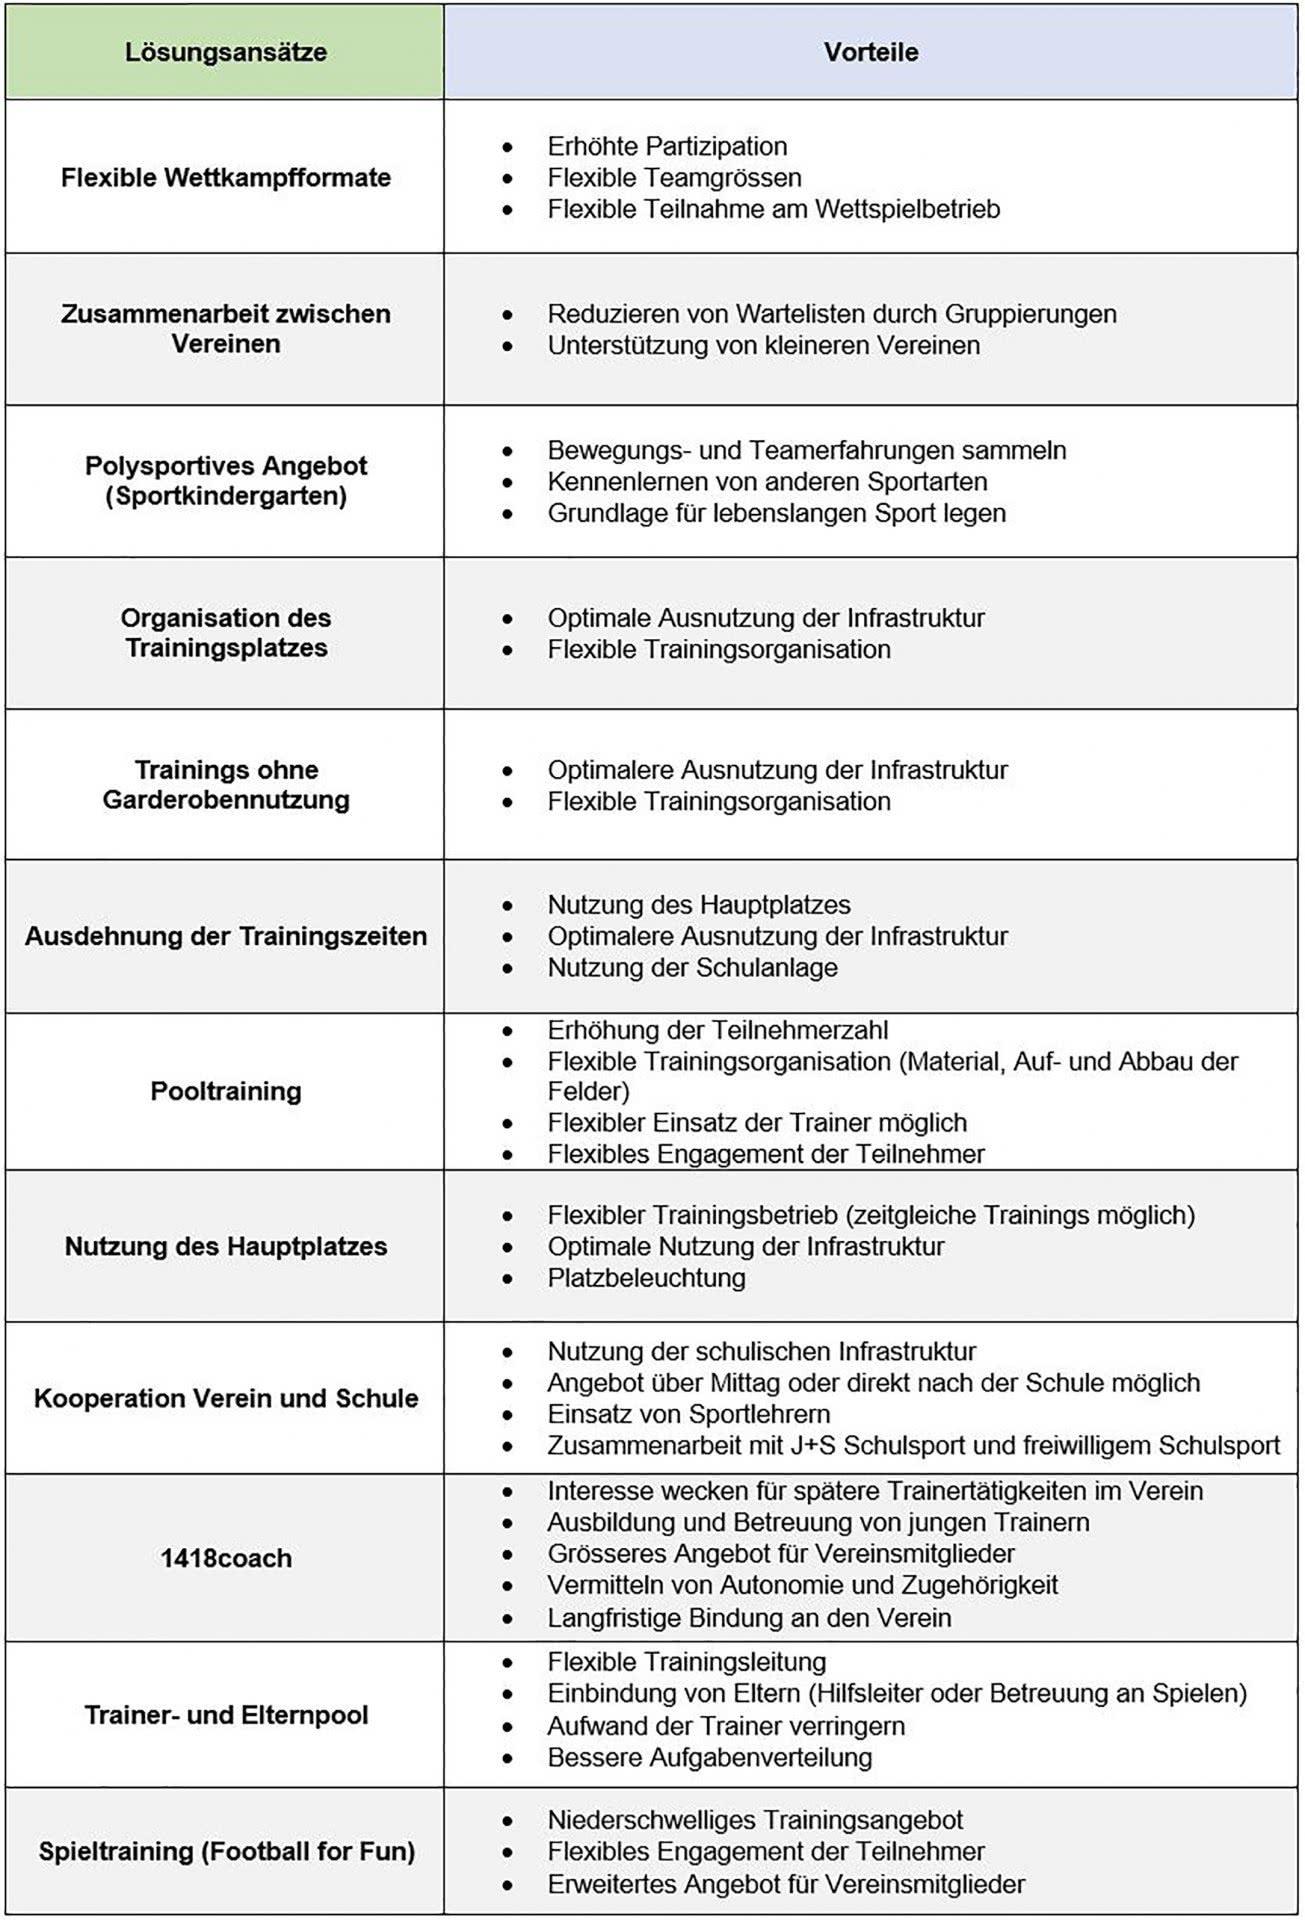 Tabelle: Lösungsansätze und ihre Vortiele.